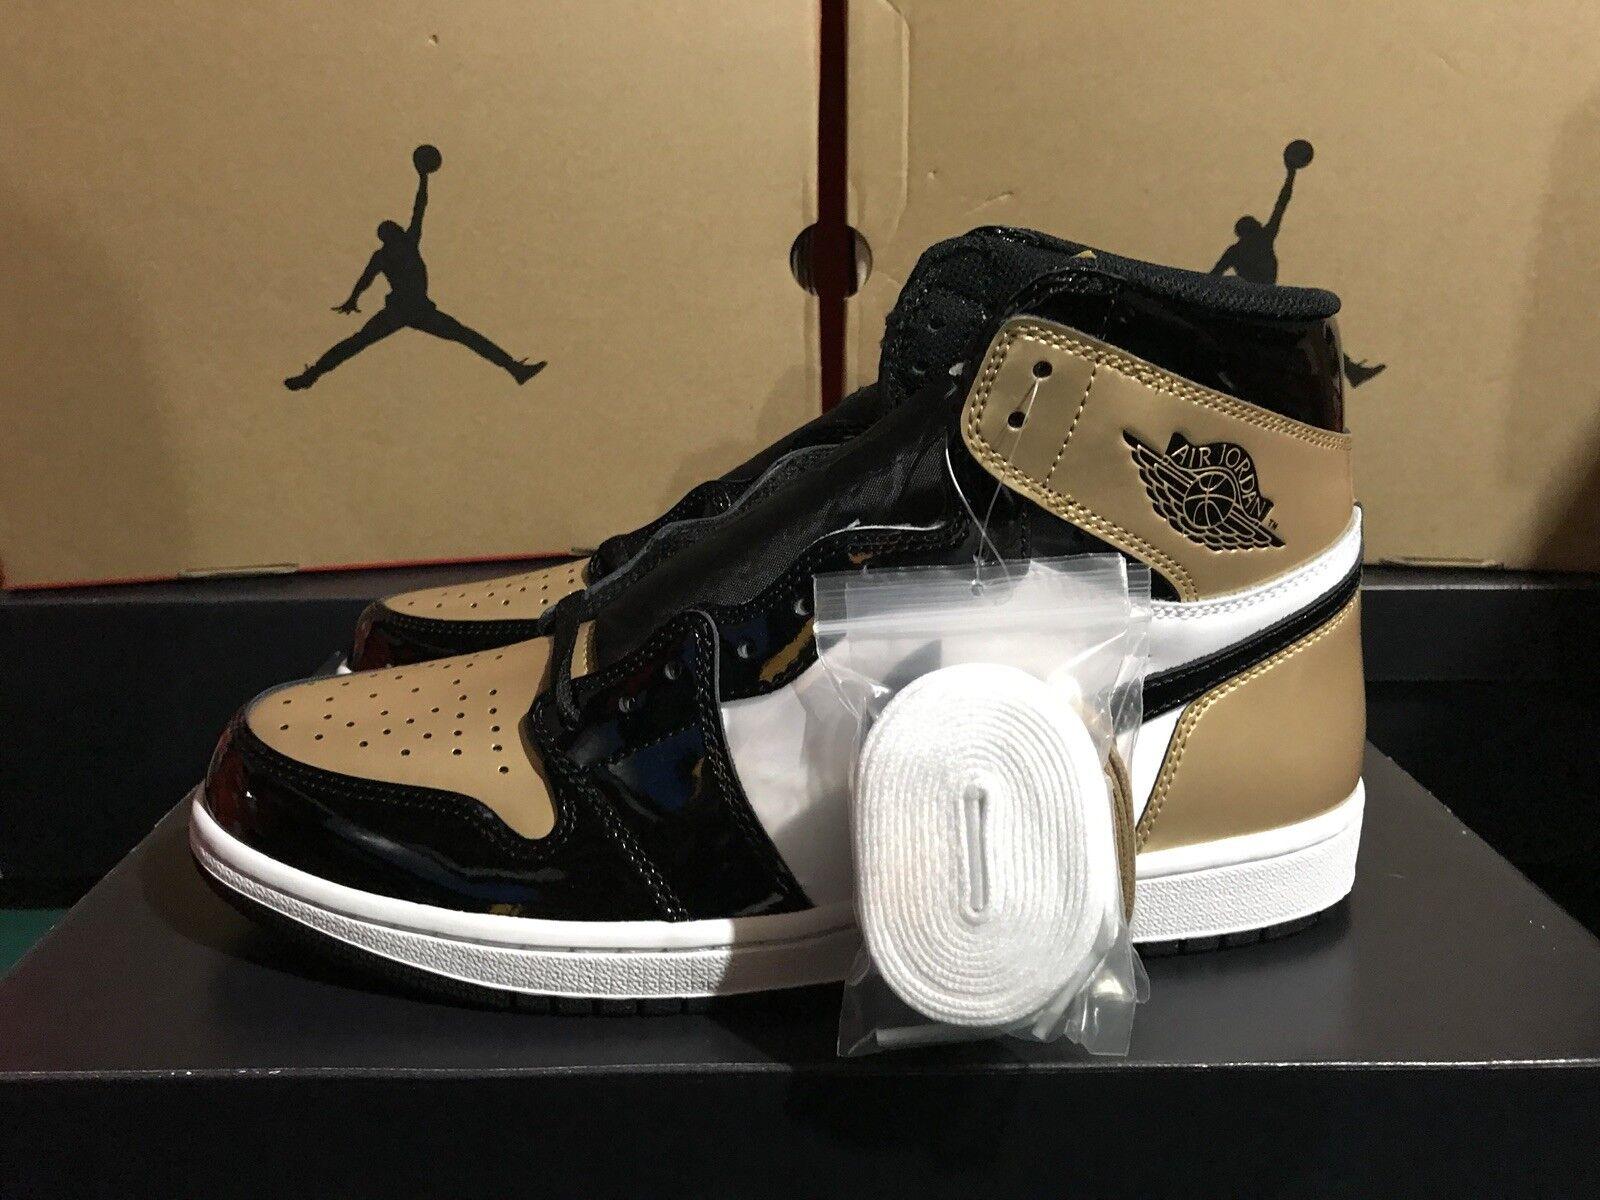 2018 Air Jordan Retro 1 High OG NRG gold Toe Black 861428-007 New In Box 2018 DS